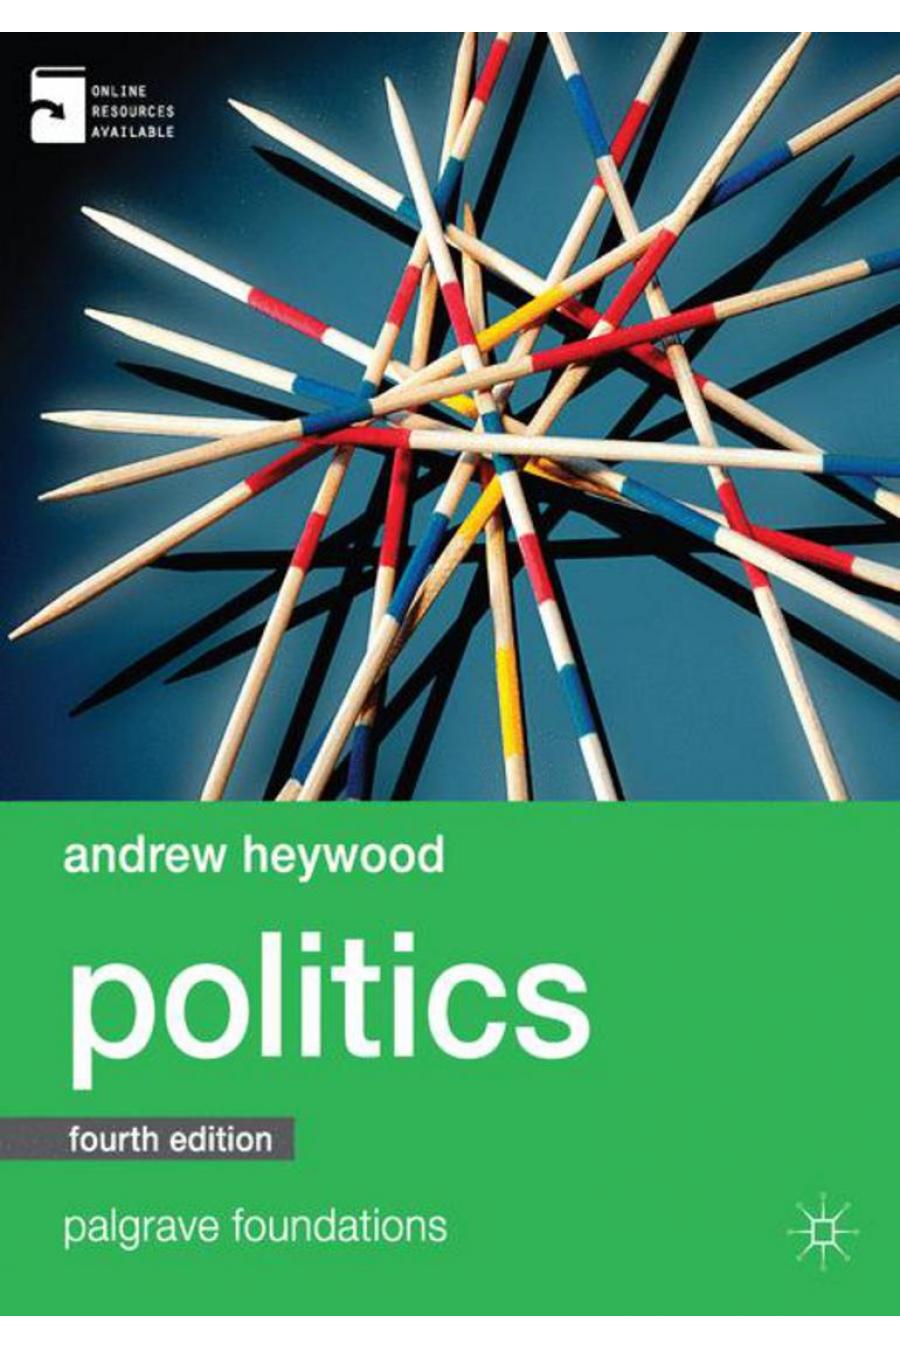 politics 4th (andrew heywood)